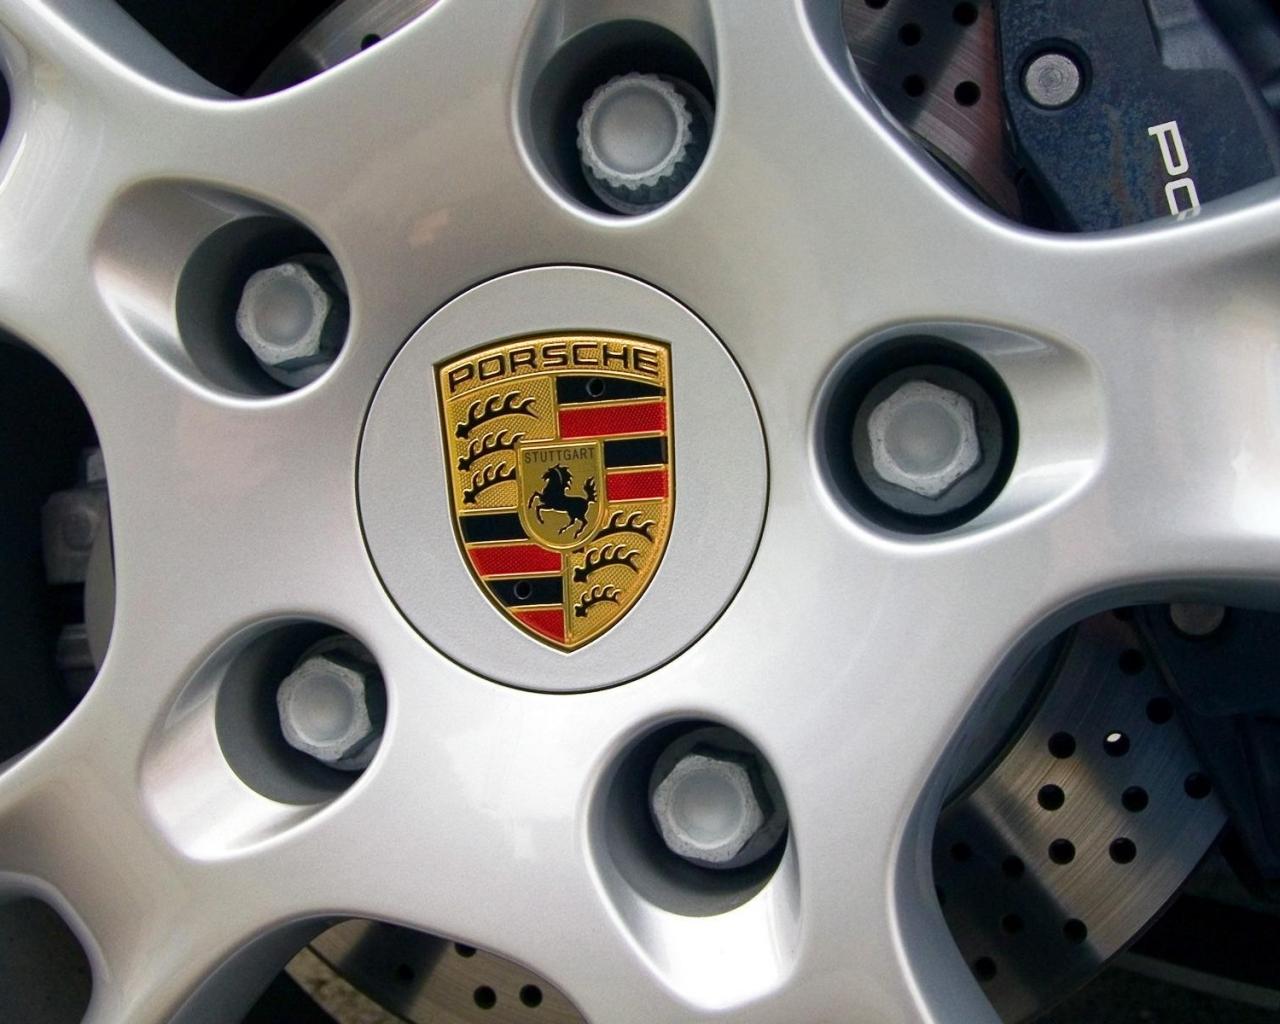 Ahos de auto Porsche - 1280x1024